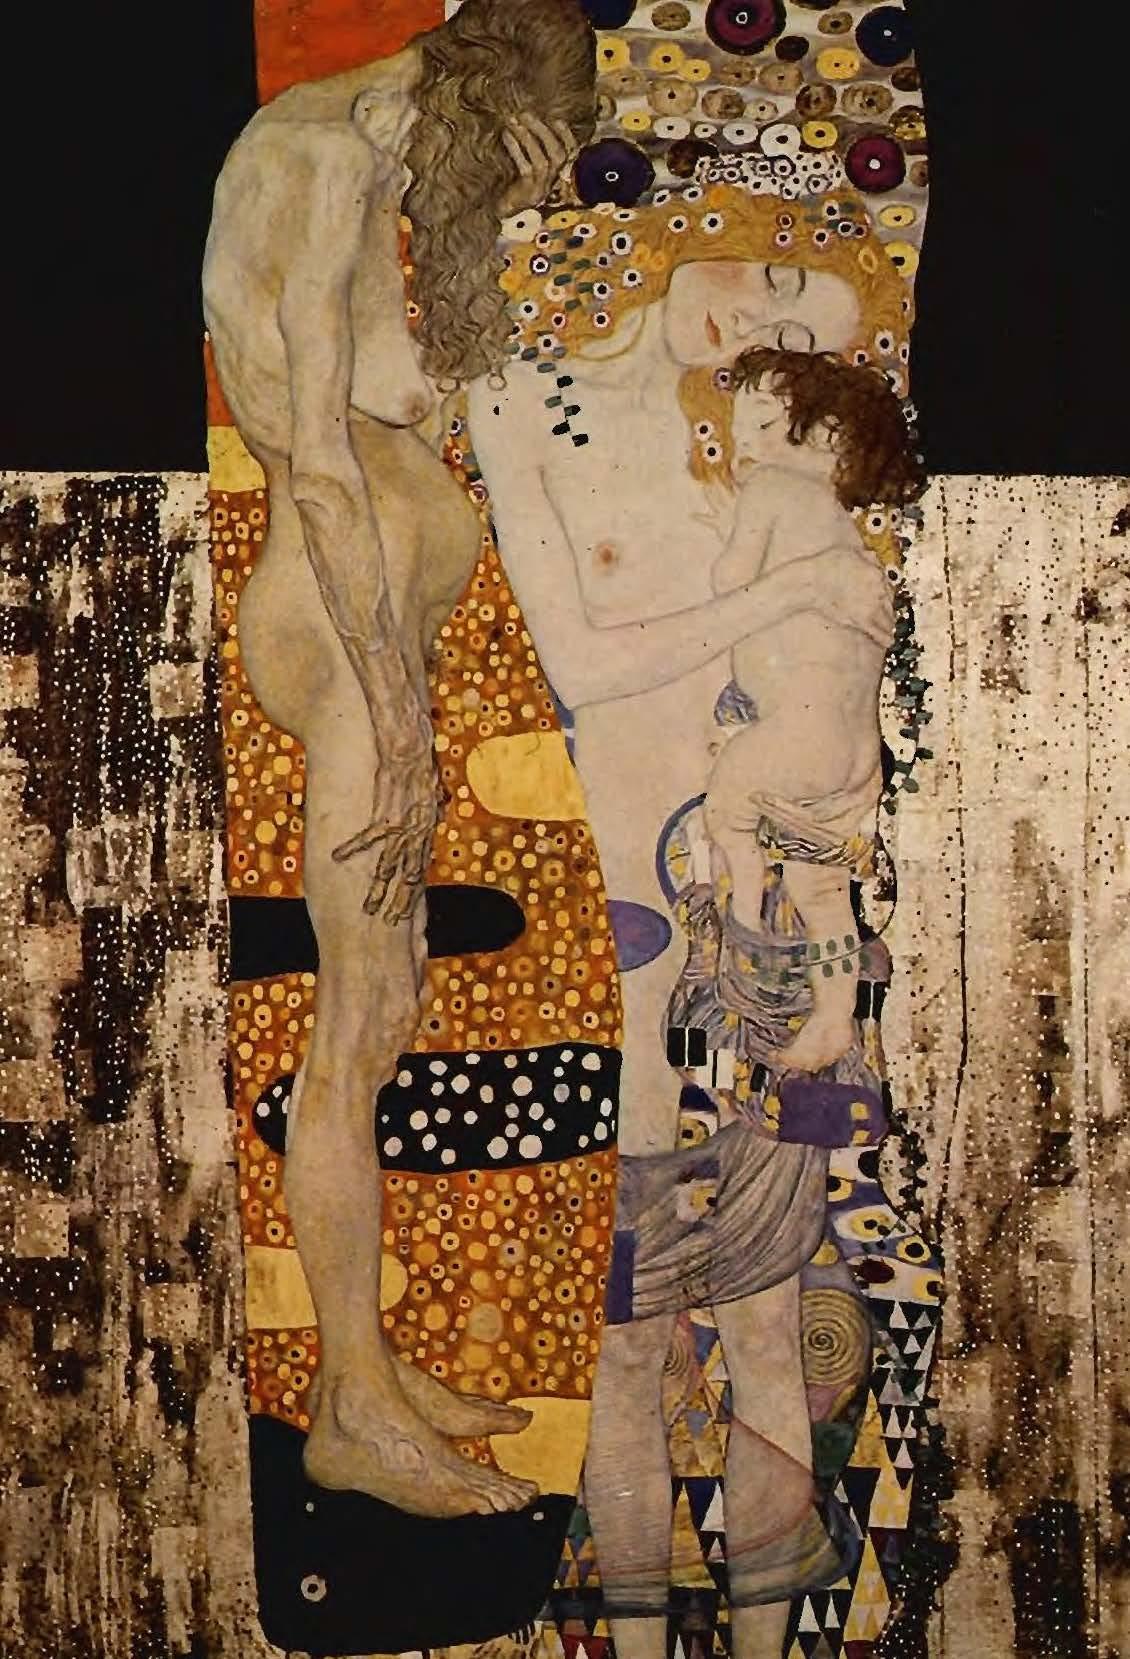 Les trois âges de la femme (1905, Gustav Klimt, Rome, Galleria Nazionale d'Arte Moderna)